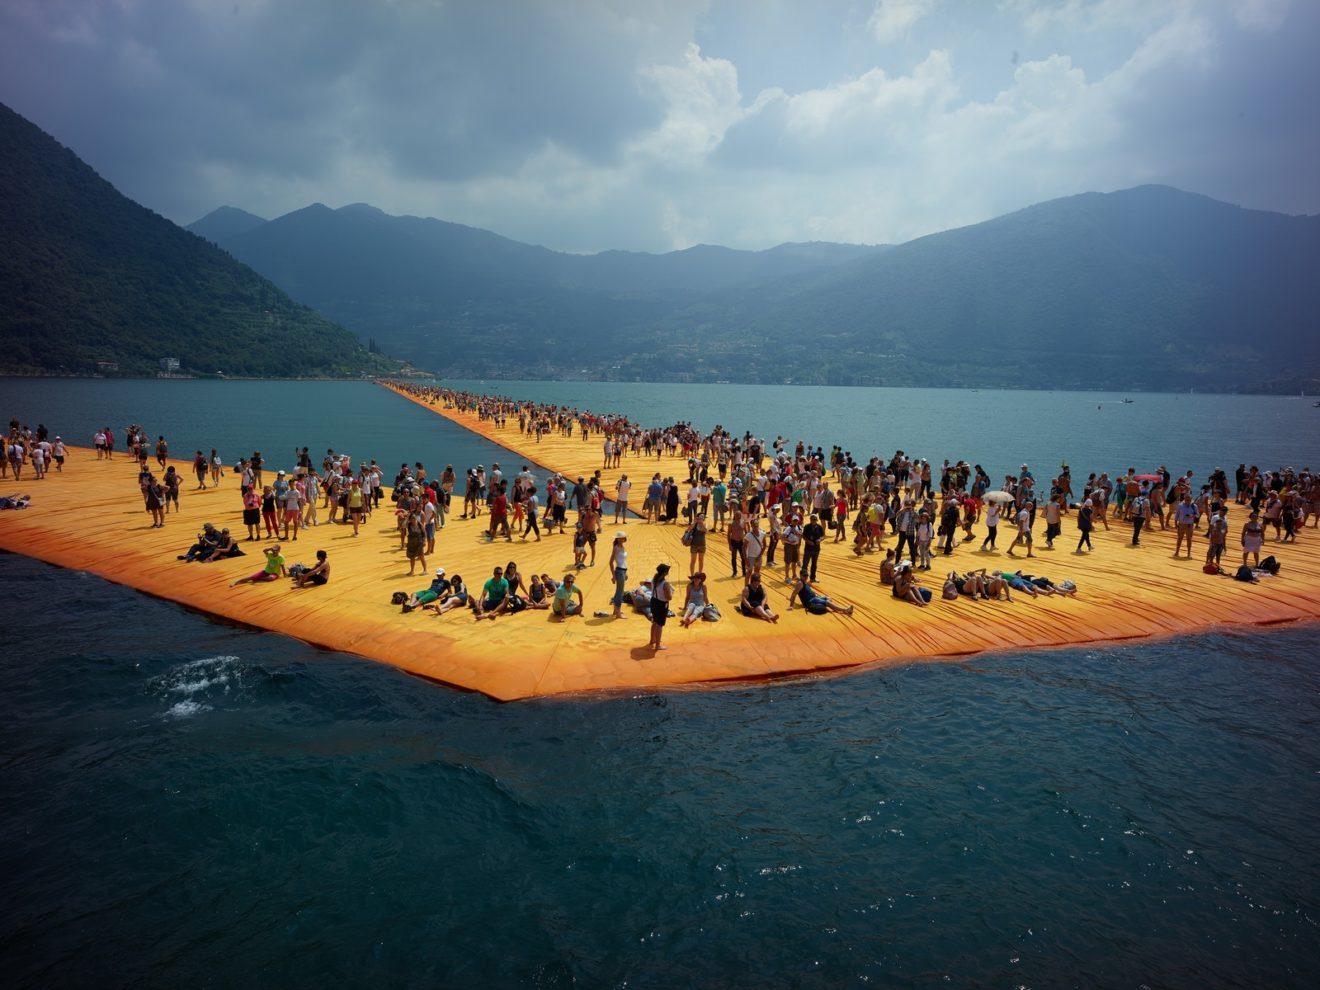 Still uit documentaire: publiek op de pieren in het Iseomeer